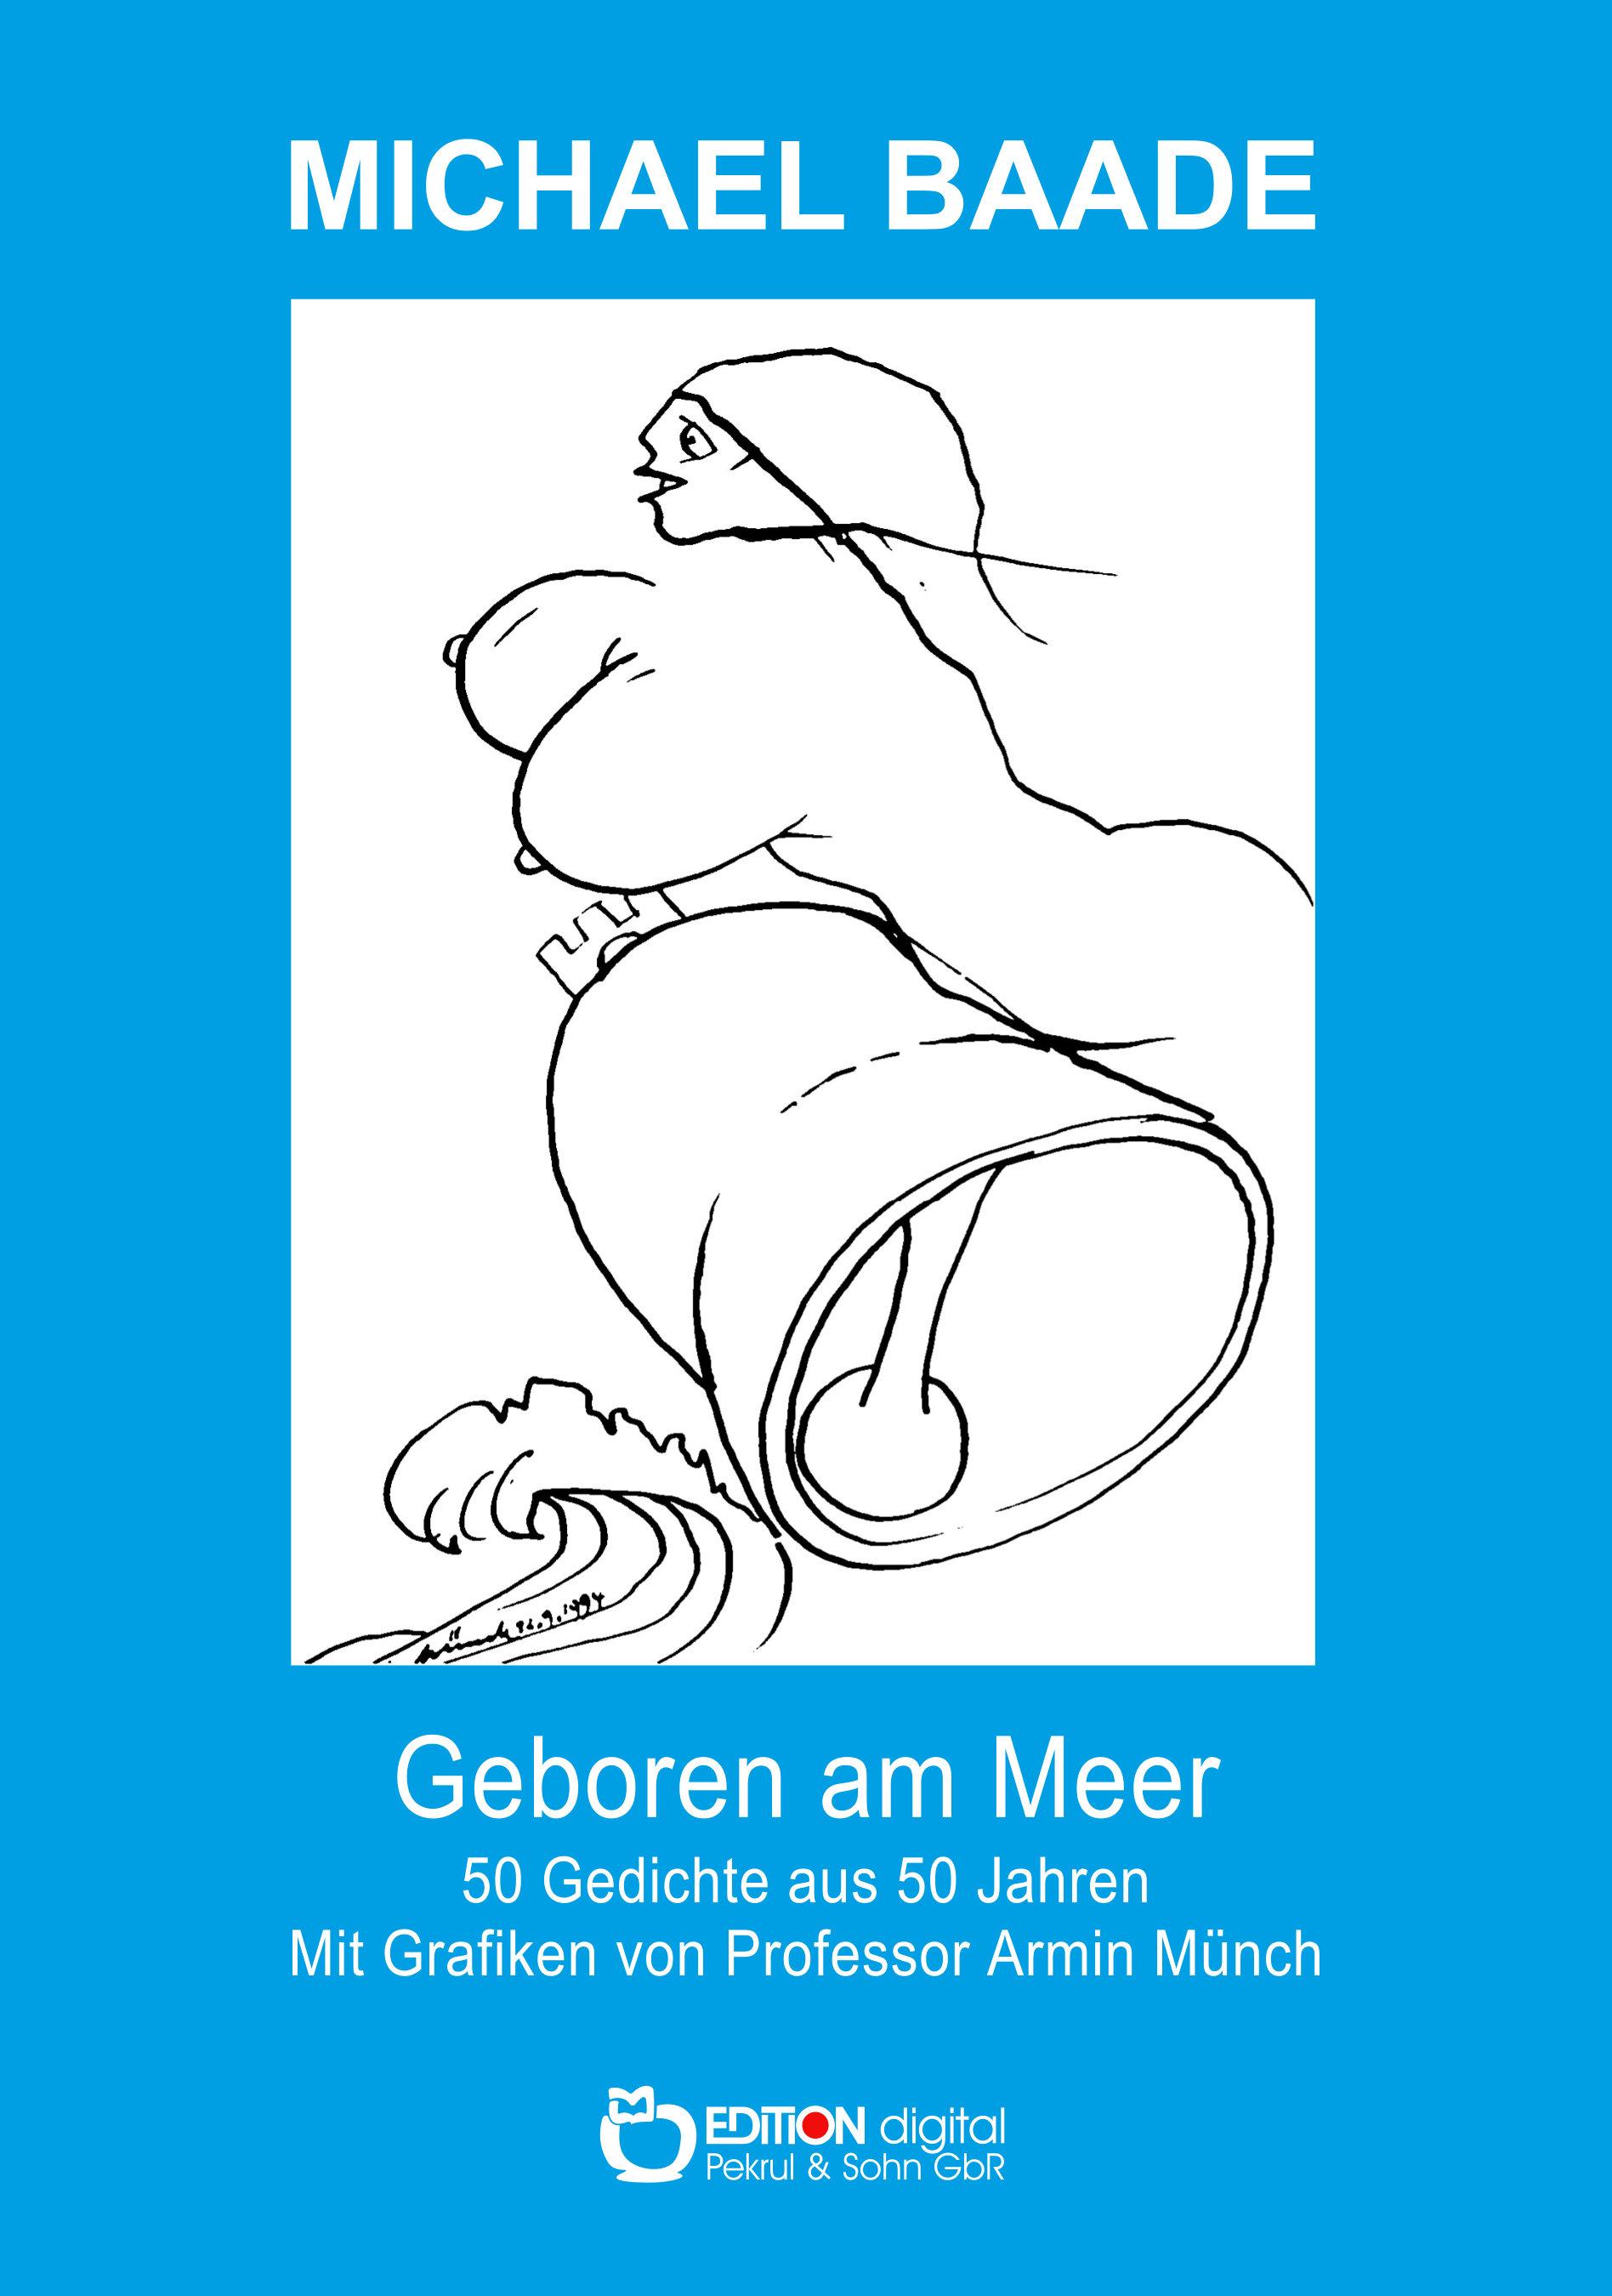 Geboren am Meer. 50 Gedichte aus 50 Jahren von Michael Baade